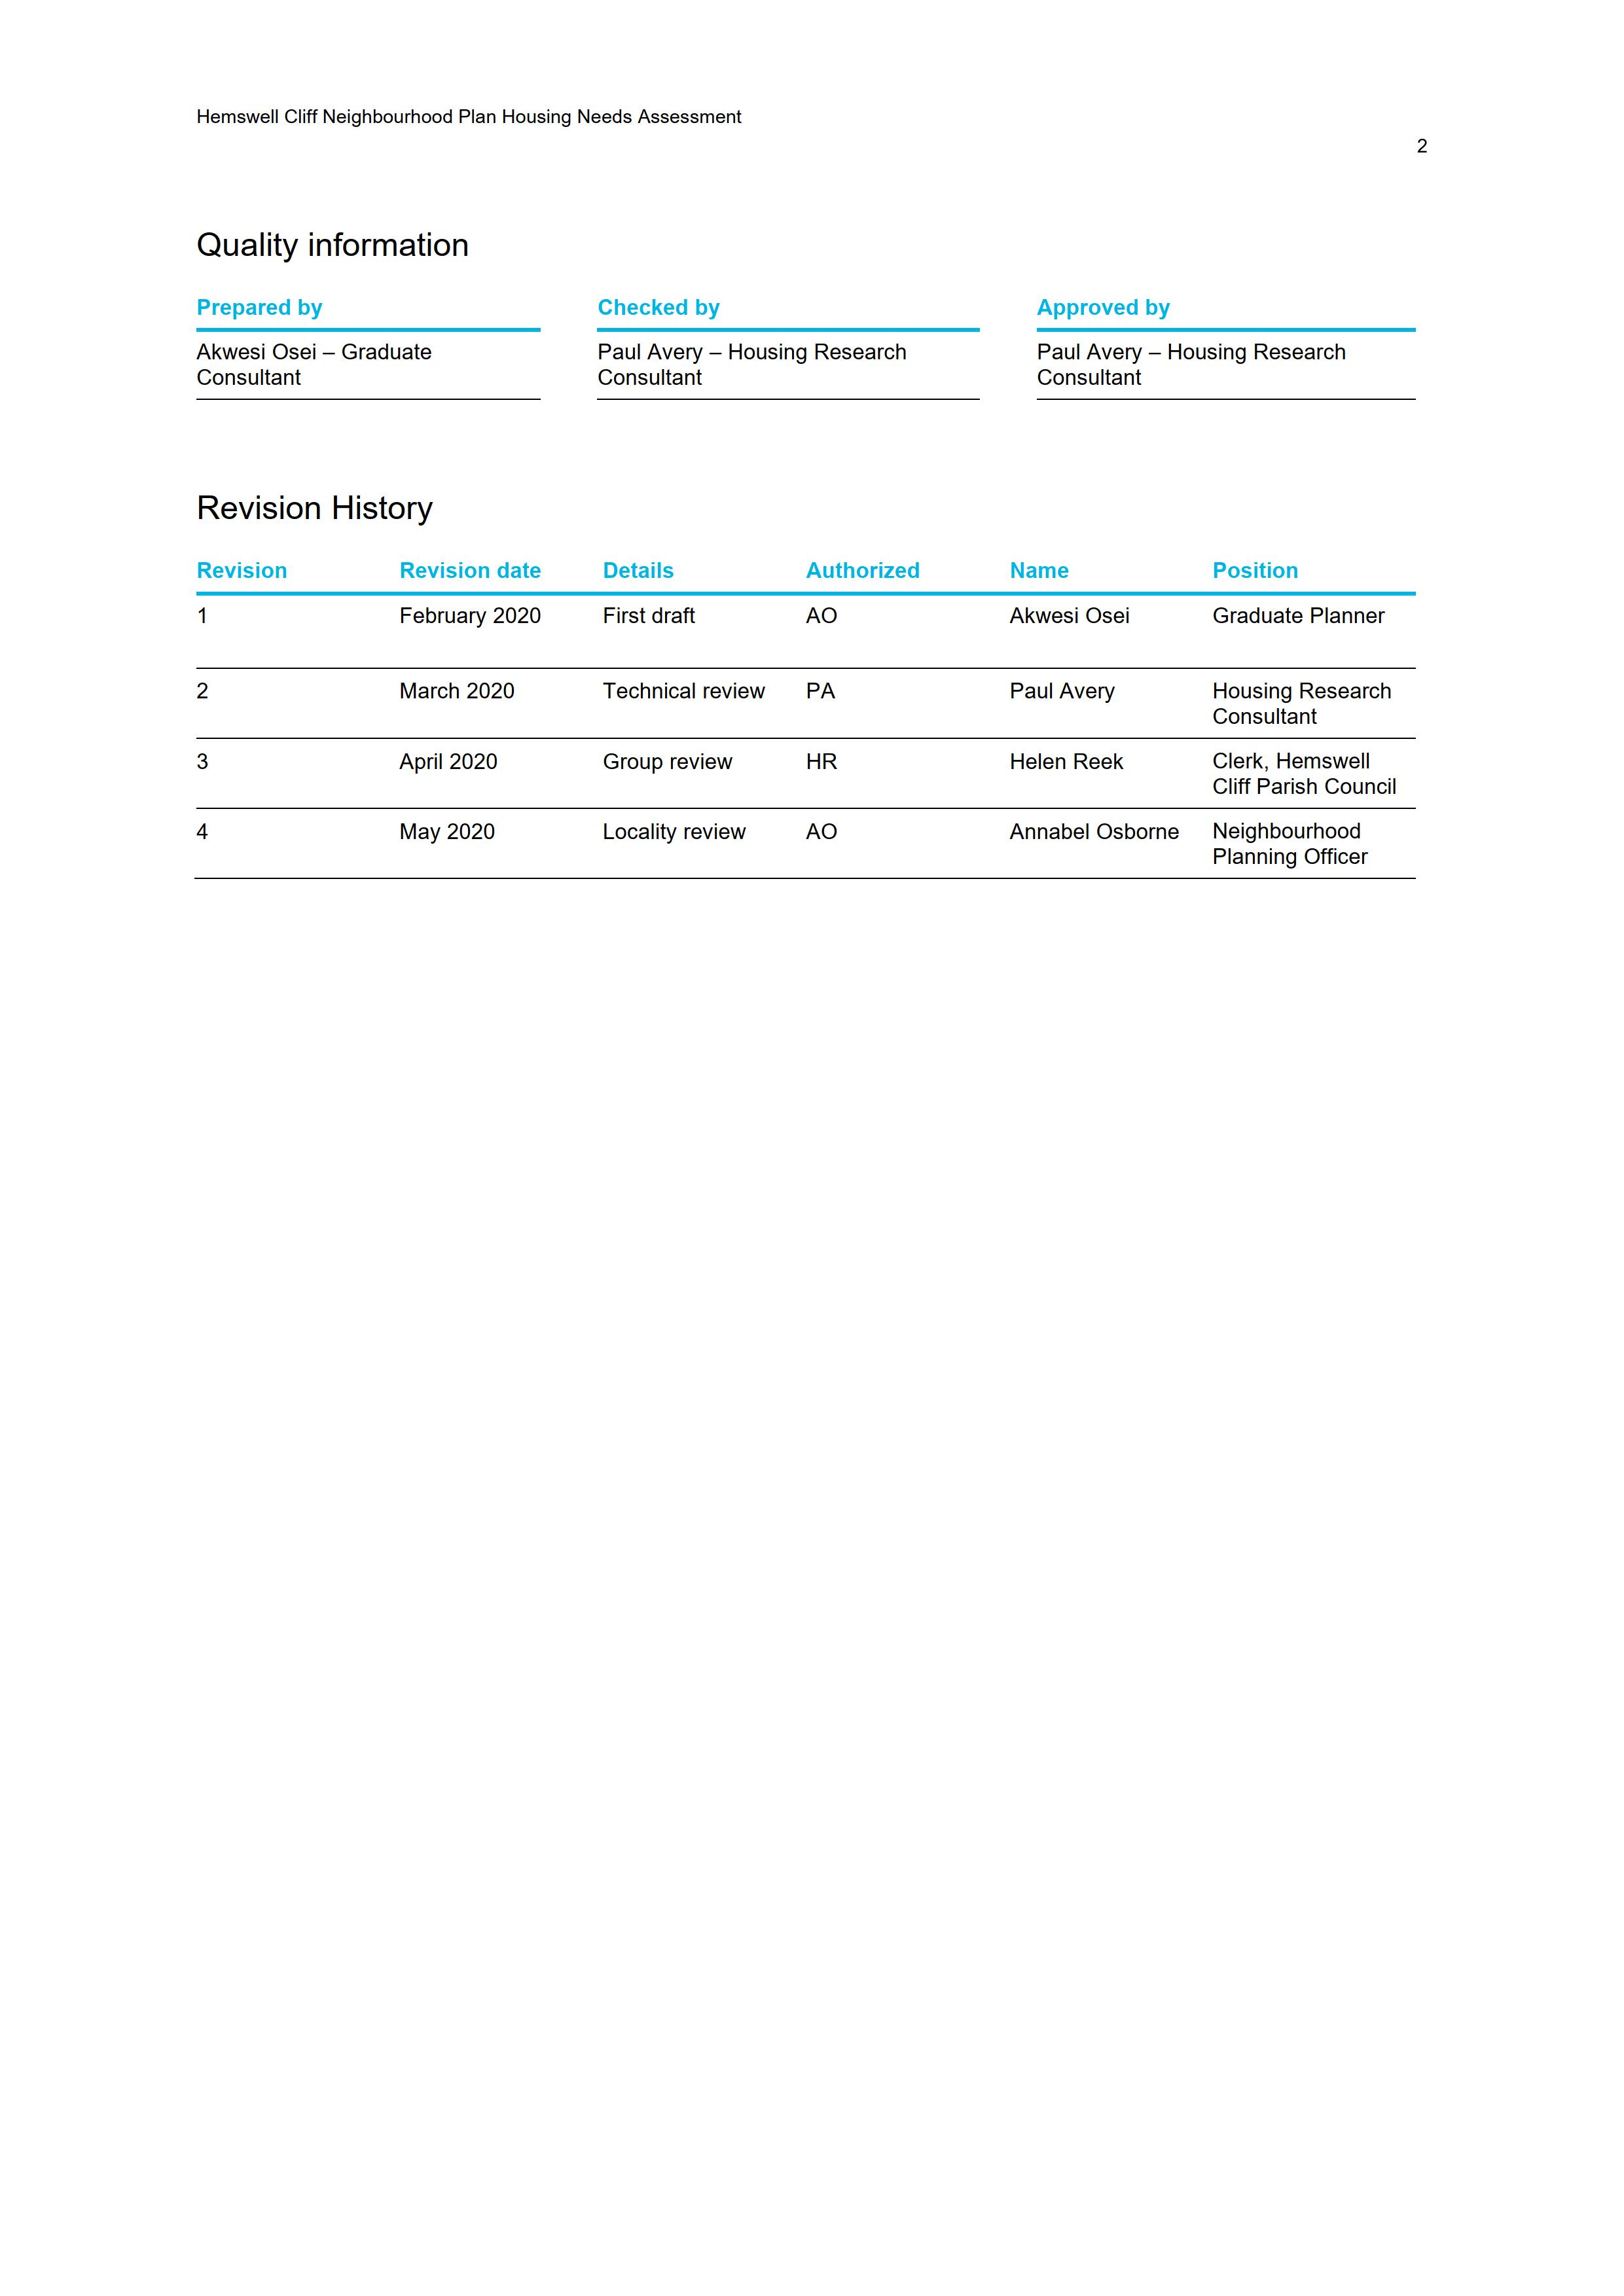 Hemswell_Cliff_Housing_Needs_Assessment_Final_02.png